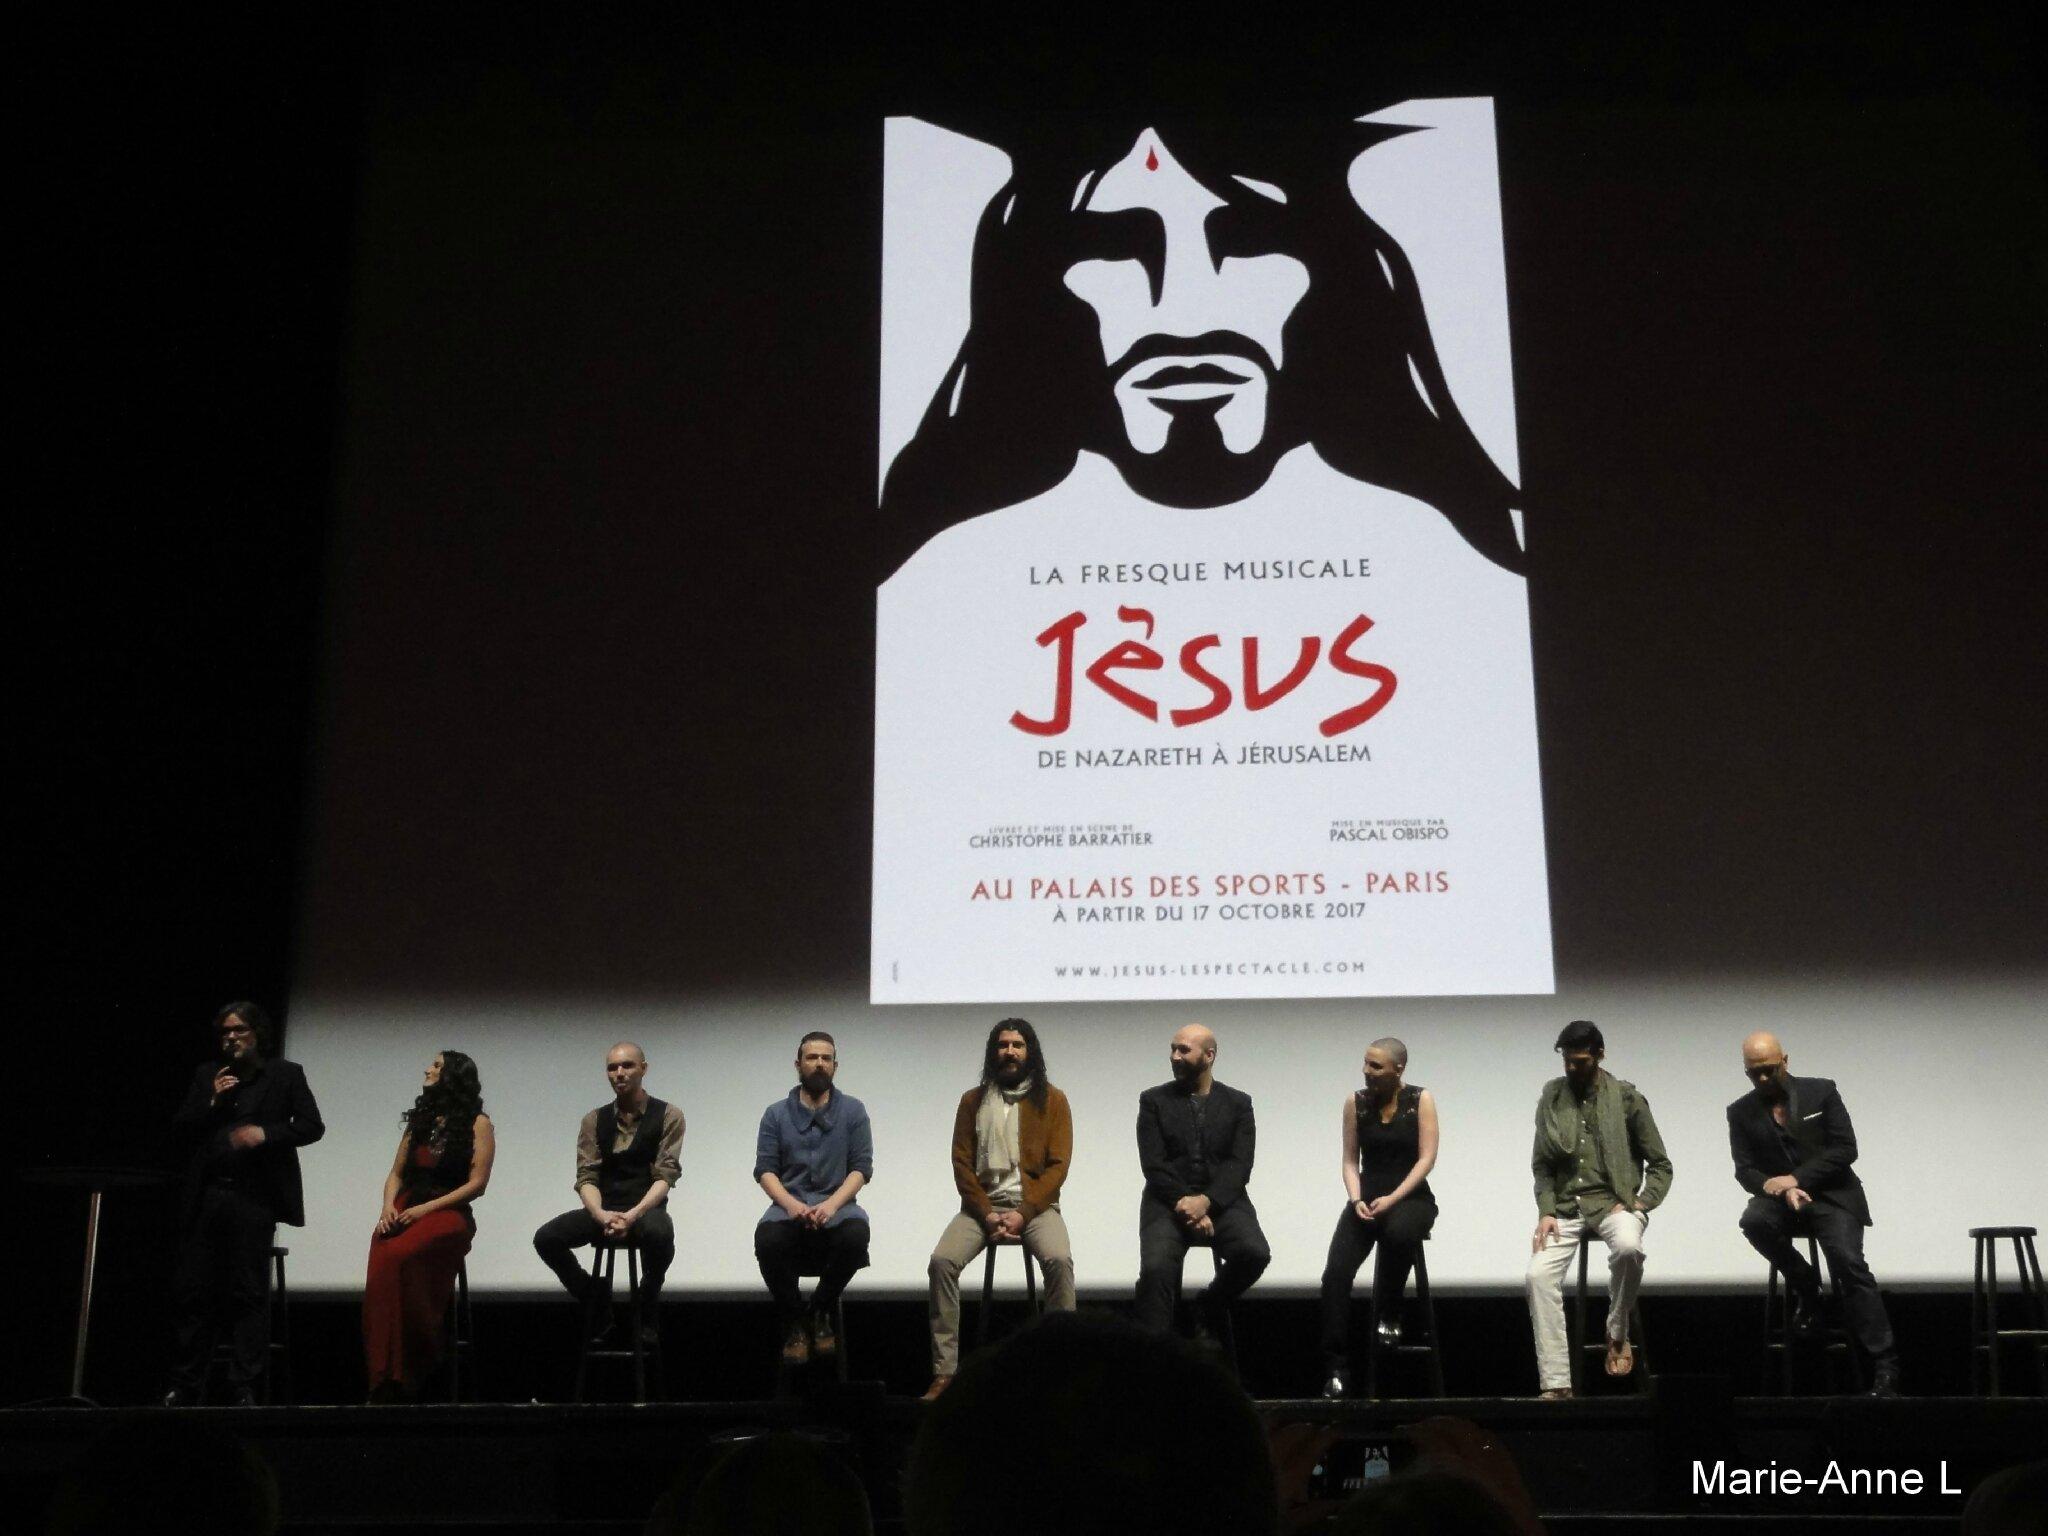 Présentation de la fresque musicale «Jésus, de Nazareth à Jérusalem» à l'Olympia